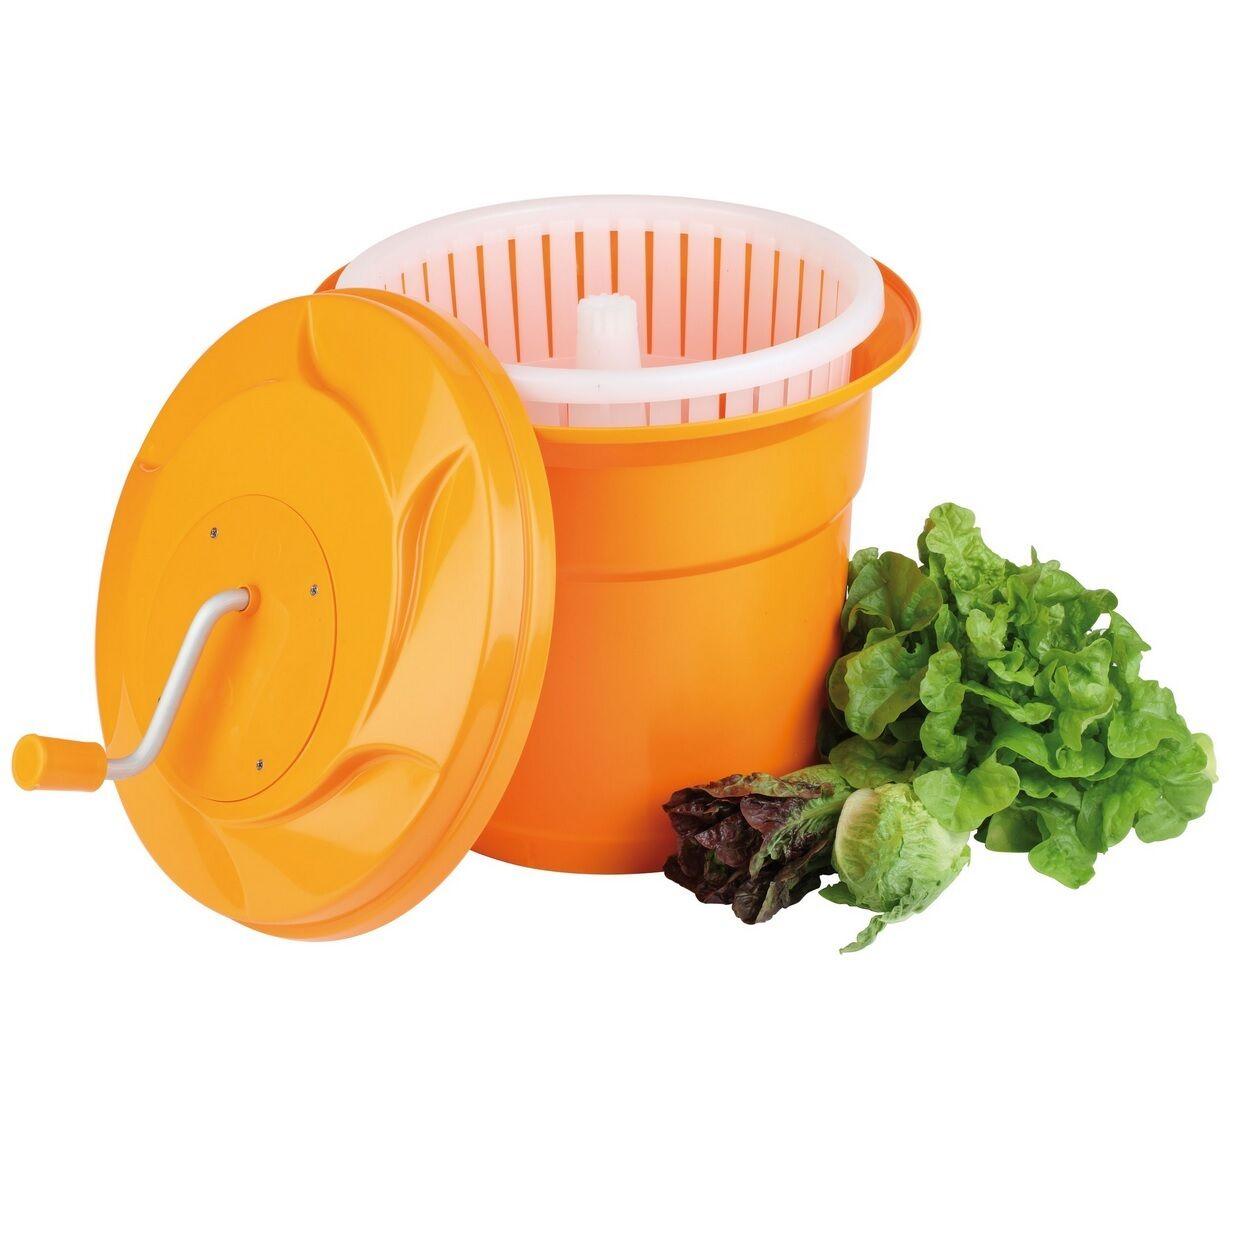 Collation salade Fronde salatsieb en plastique Gastro 12 L gastlando